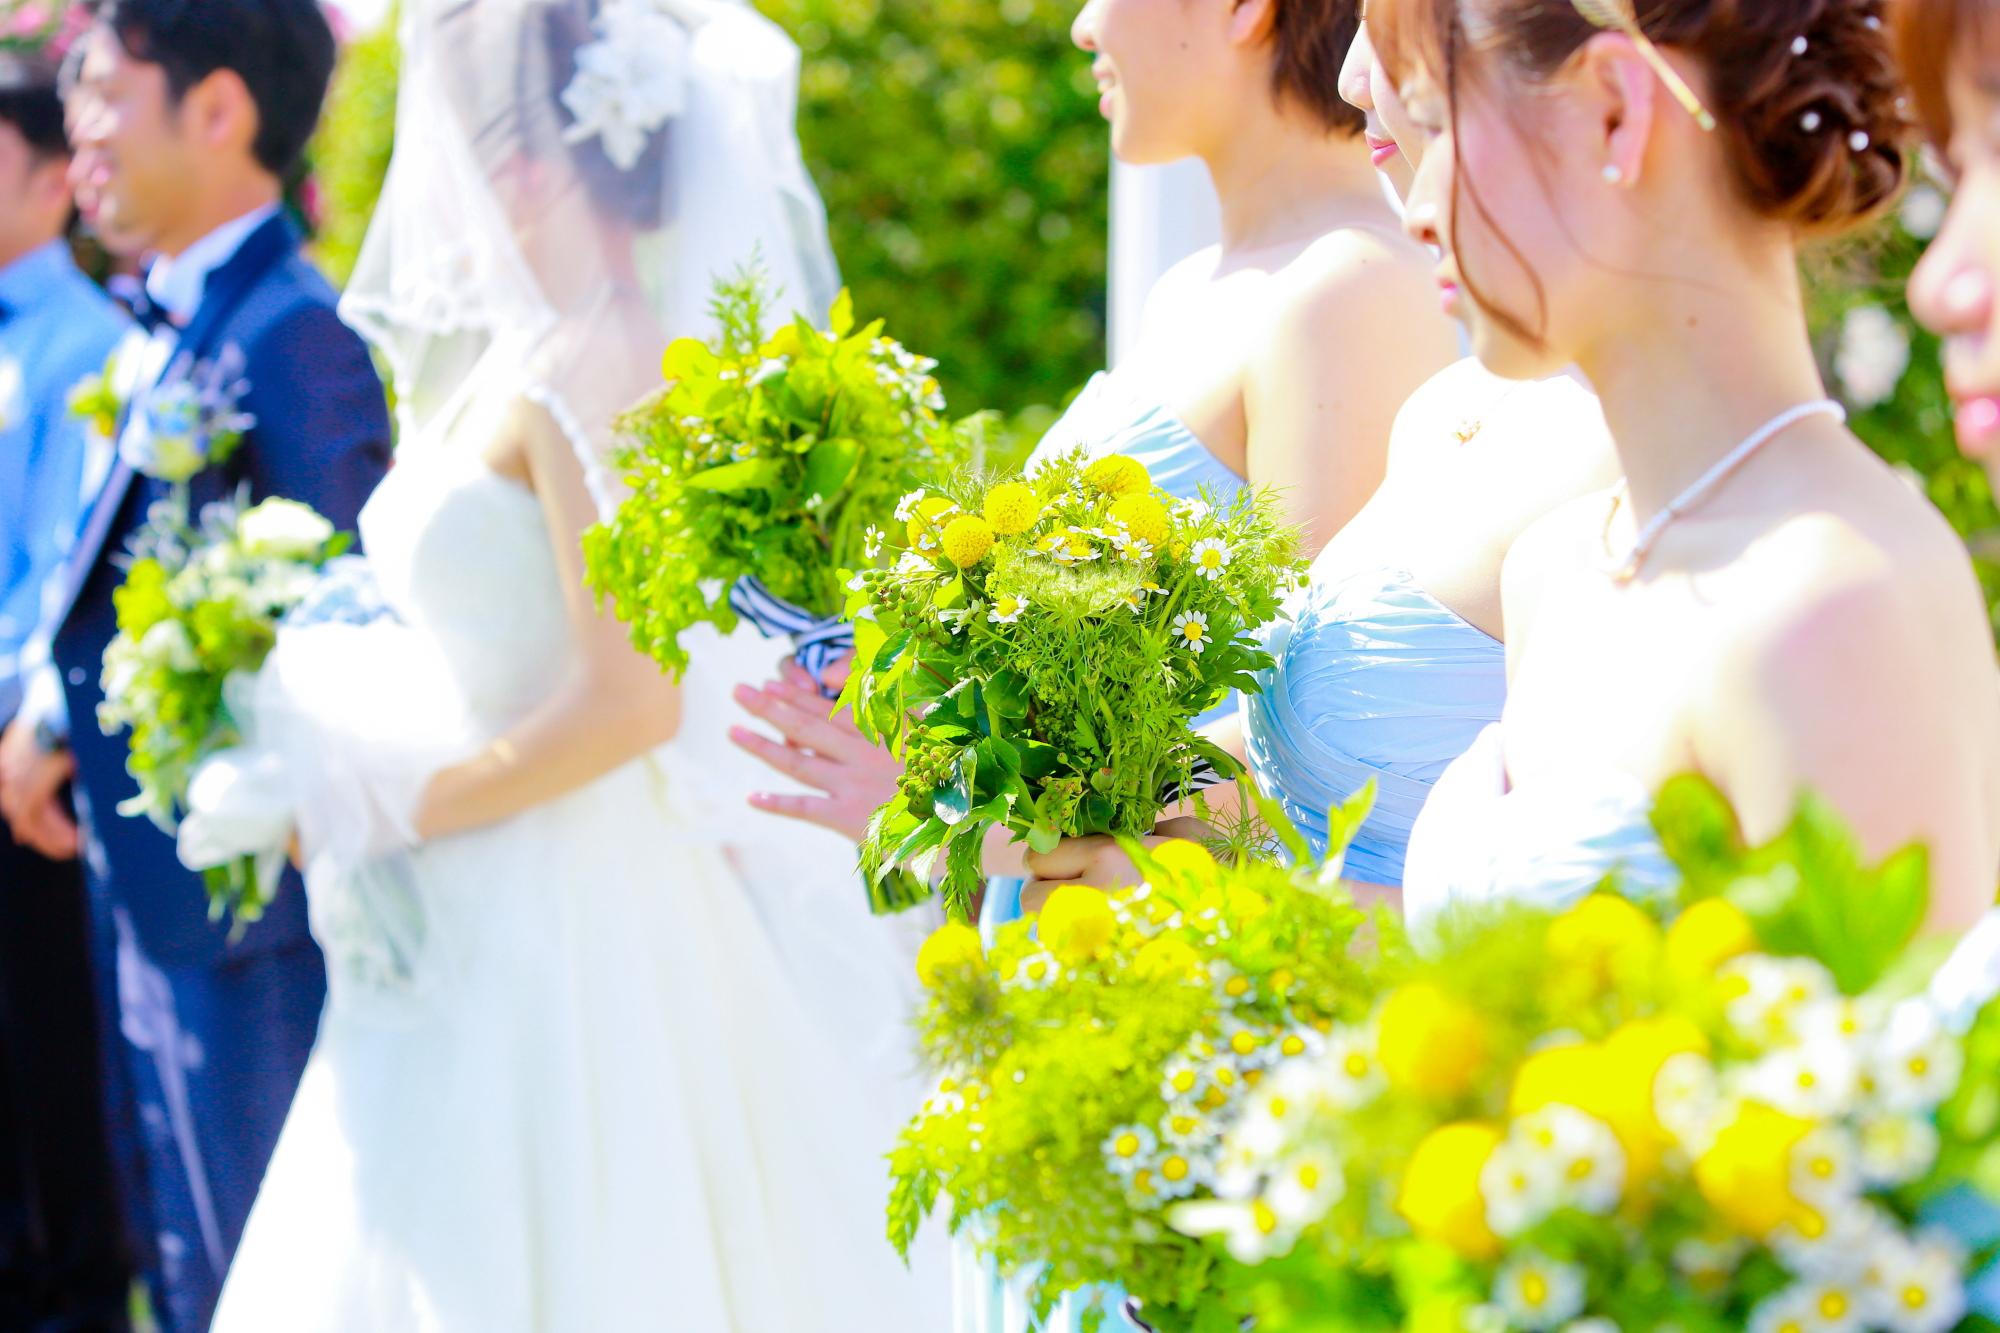 結婚式の新しい在り方|名古屋市近郊で入籍前日に開催された「心誓式」というふたりらしさを取り入れた挙式について